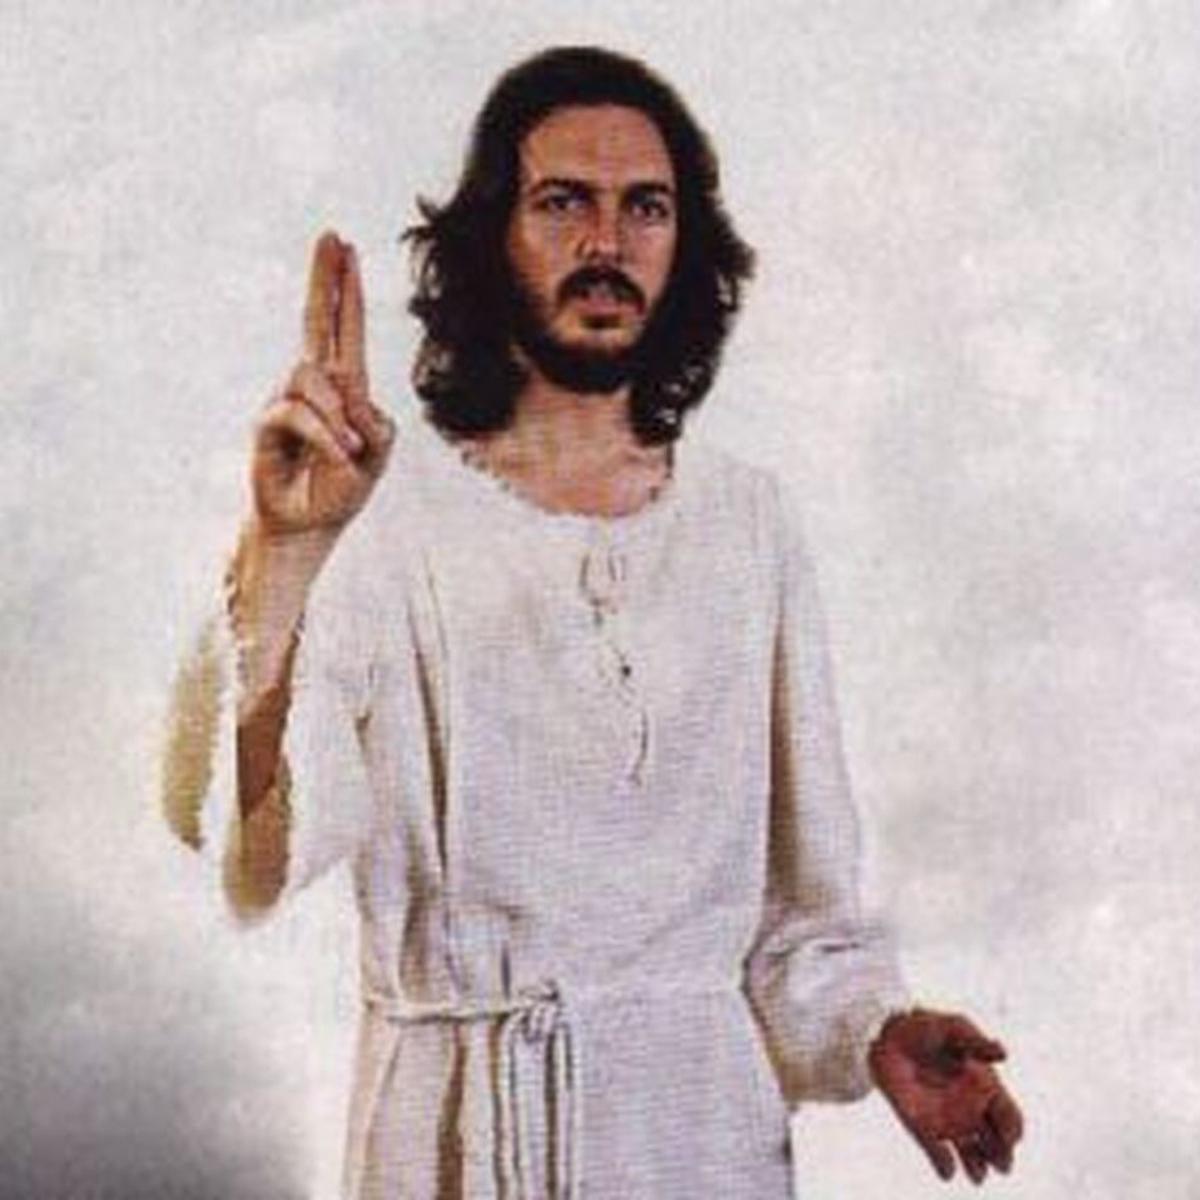 Camilo Sesto La Vez Que Hizo De Jesucristo Superstar Y Dejó Huella En España Tvmas El Comercio Perú